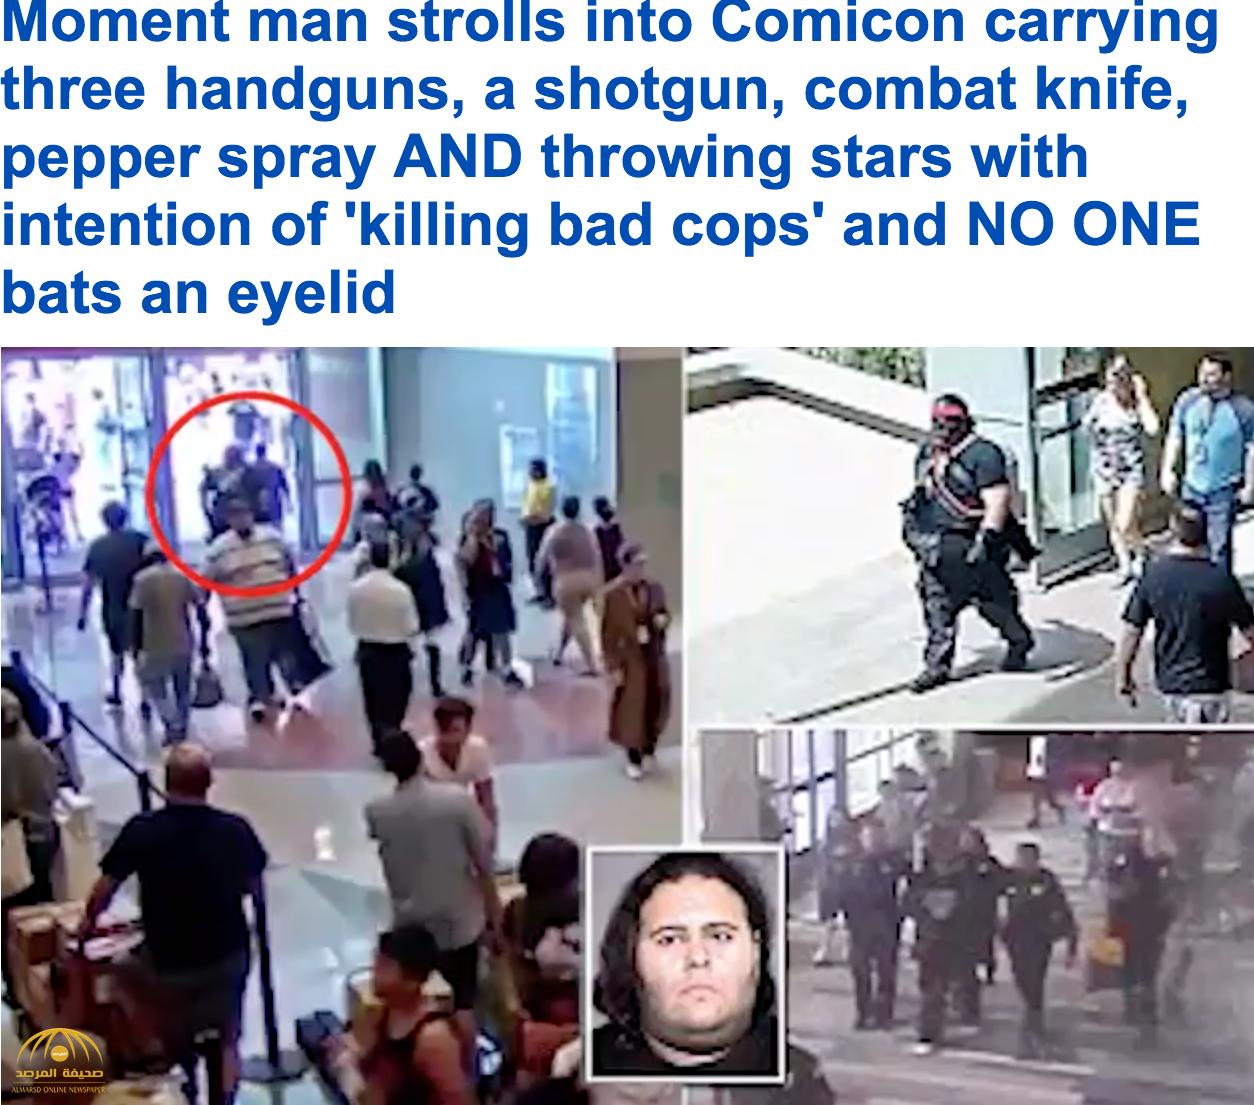 بالفيديو و الصور: رجل مدجج بالأسلحة يتجول في مركز مؤتمرات ولاية اريزونا الأمريكية دون أن يشعر به أحد